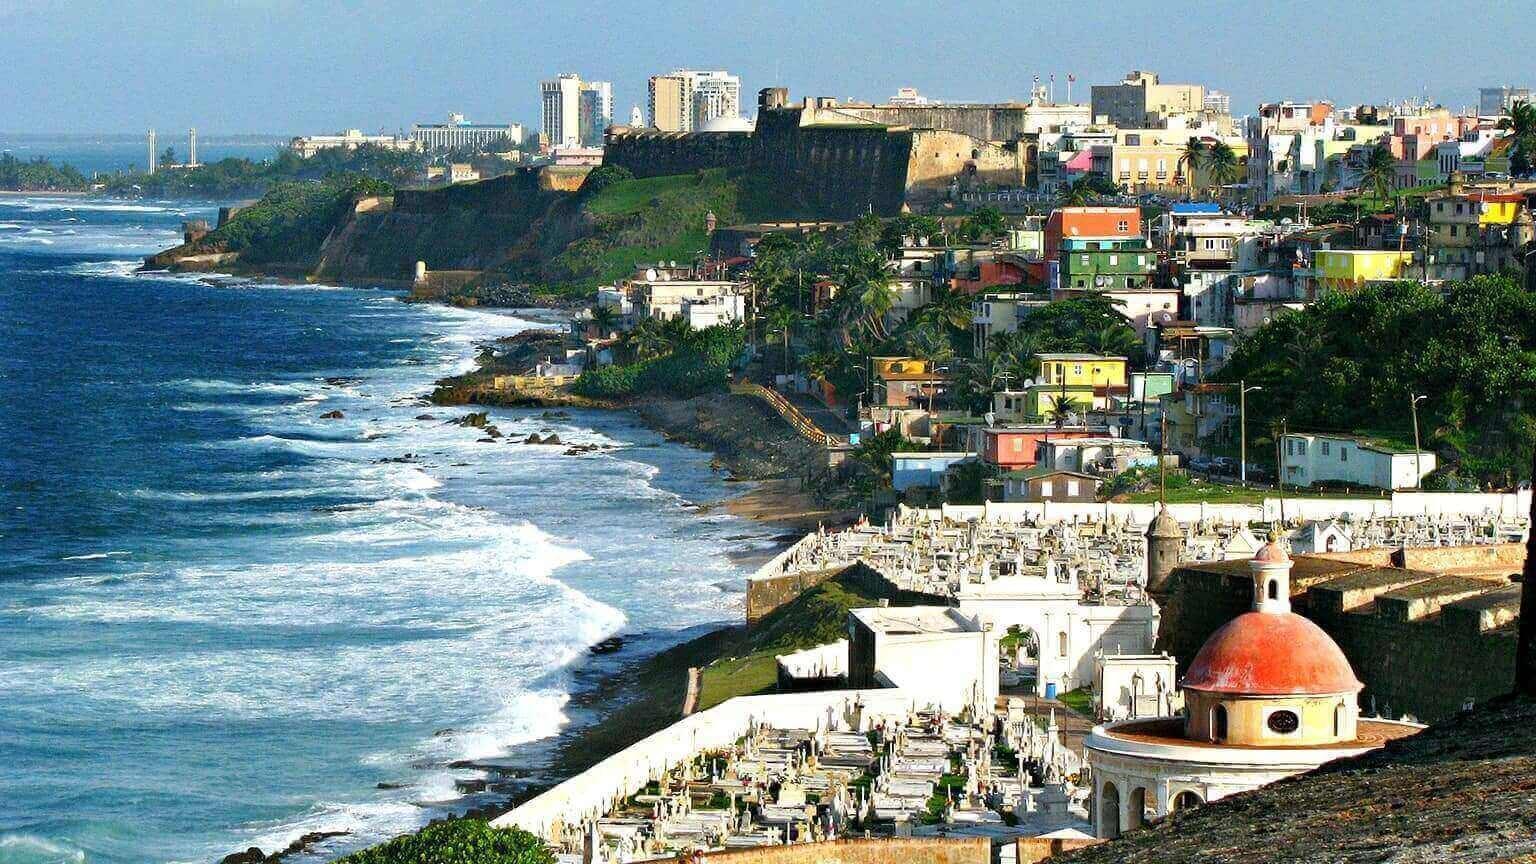 North Coast of San Juan, Puerto Rico